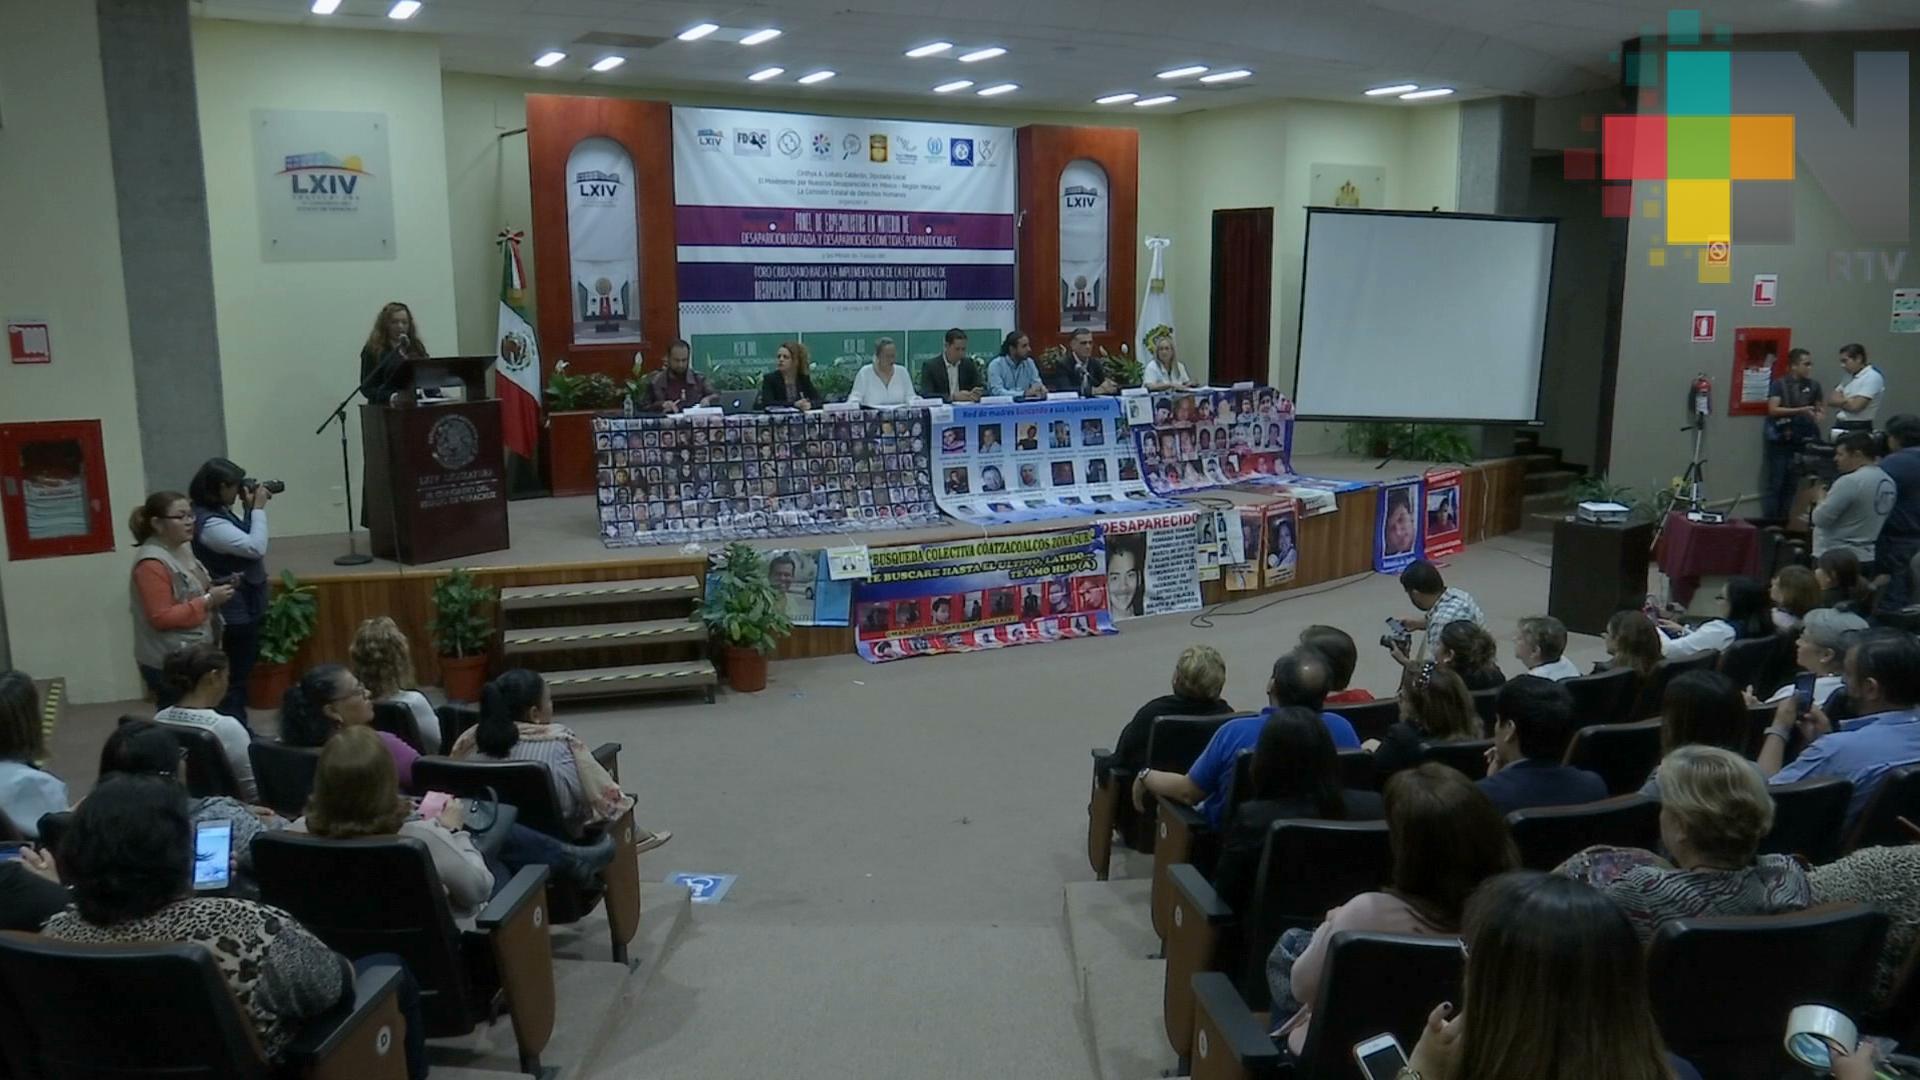 Reconoce Jorge Verástegui González voluntad política de Veracruz en castigar a exfuncionarios por desapariciones forzadas